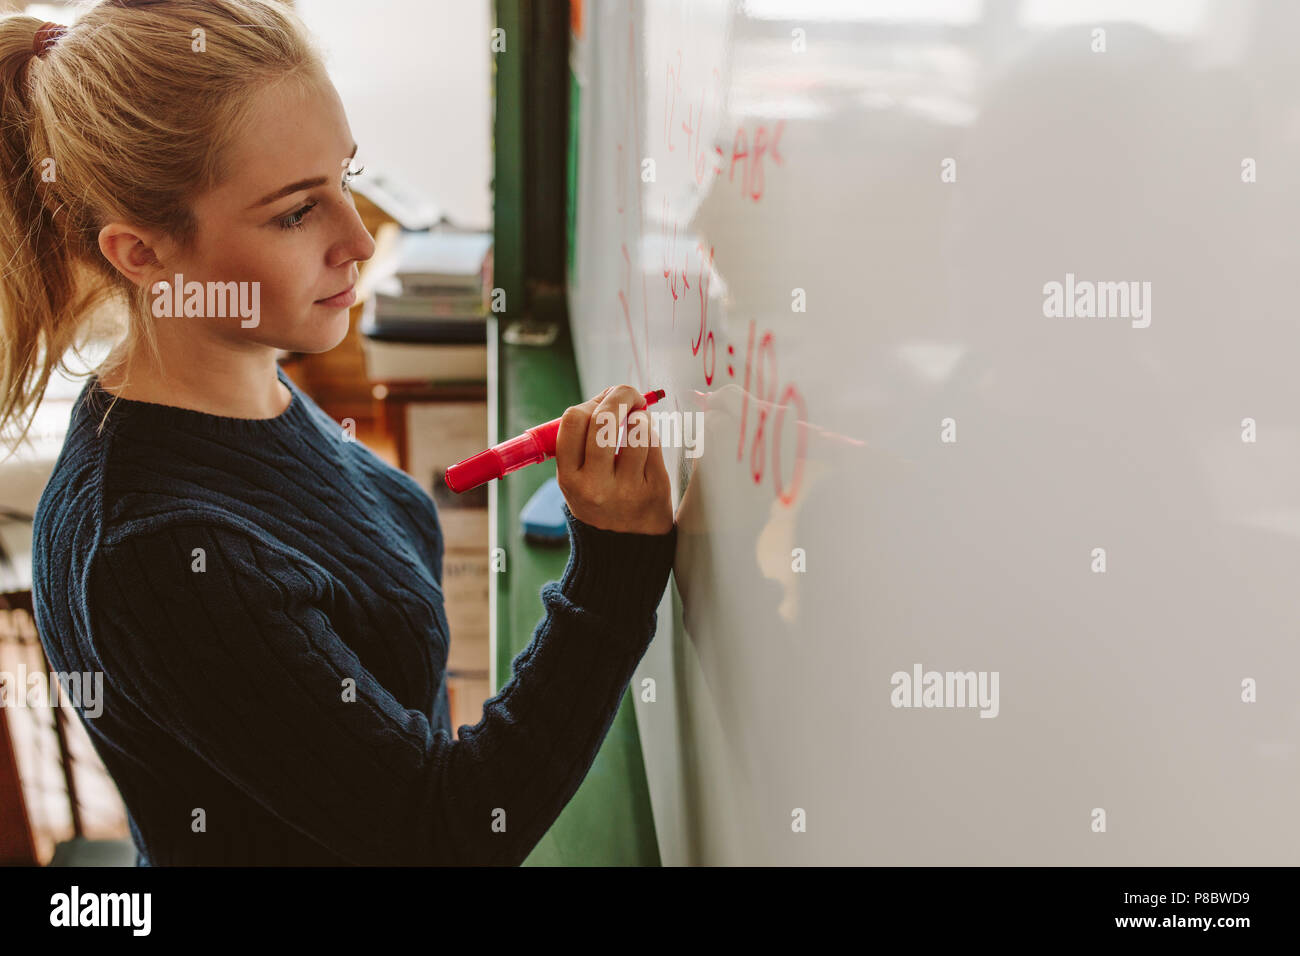 In der Nähe der weiblichen Schüler schreiben eine Gleichung auf der Tafel im Klassenzimmer. Mädchen schreiben an Bord während der Klasse Math. Stockbild